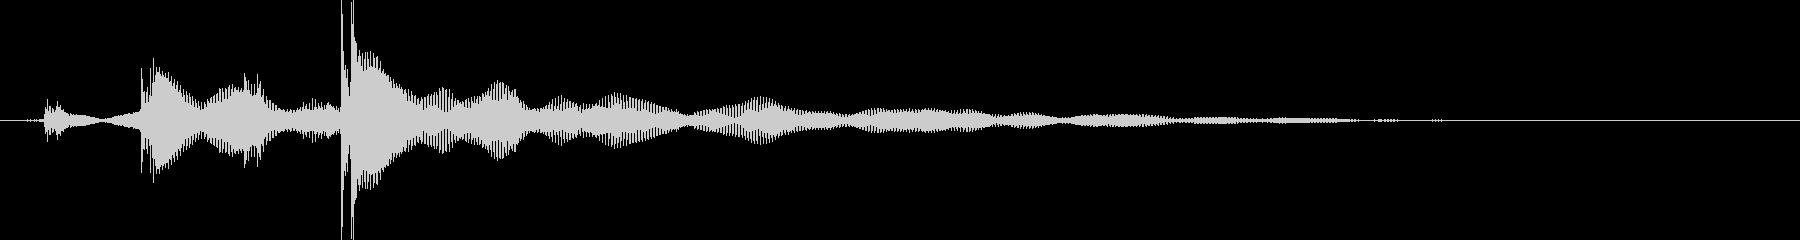 【クリスタルな音】Byエレキギターの未再生の波形